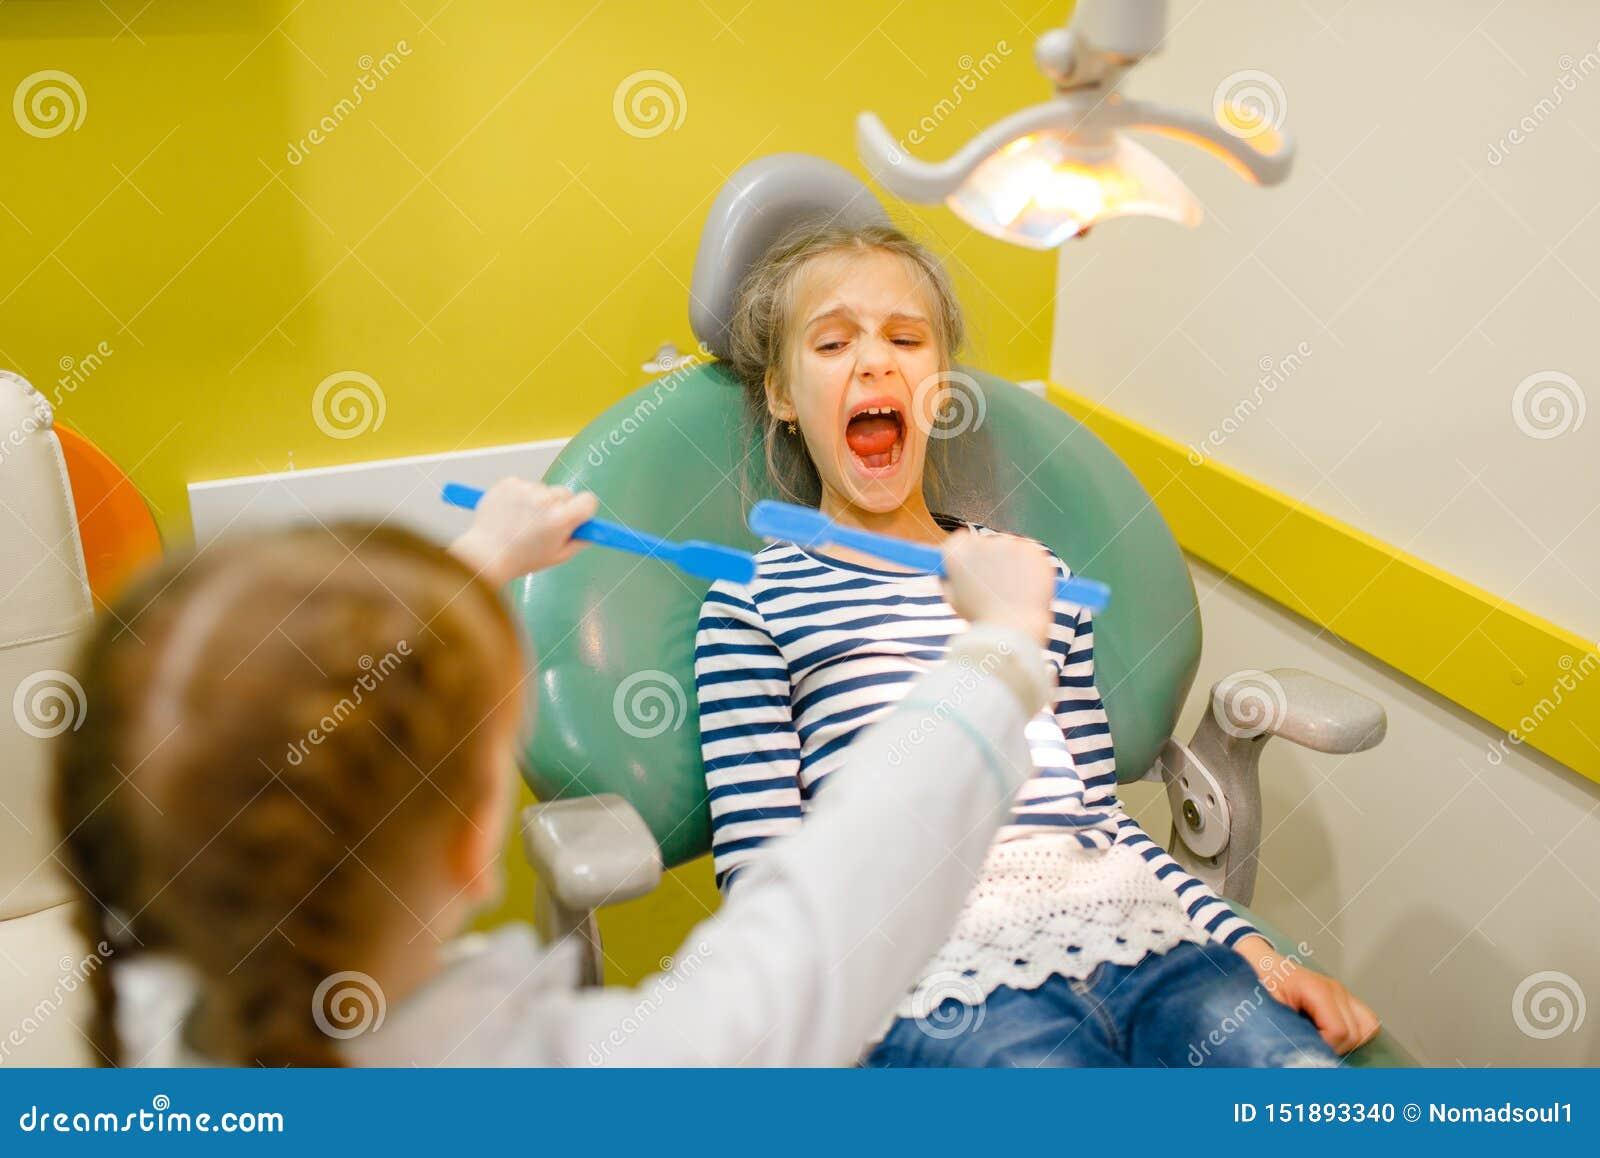 Παιδιά στον ομοιόμορφο παίζοντας οδοντίατρο, χώρος για παιχνίδη